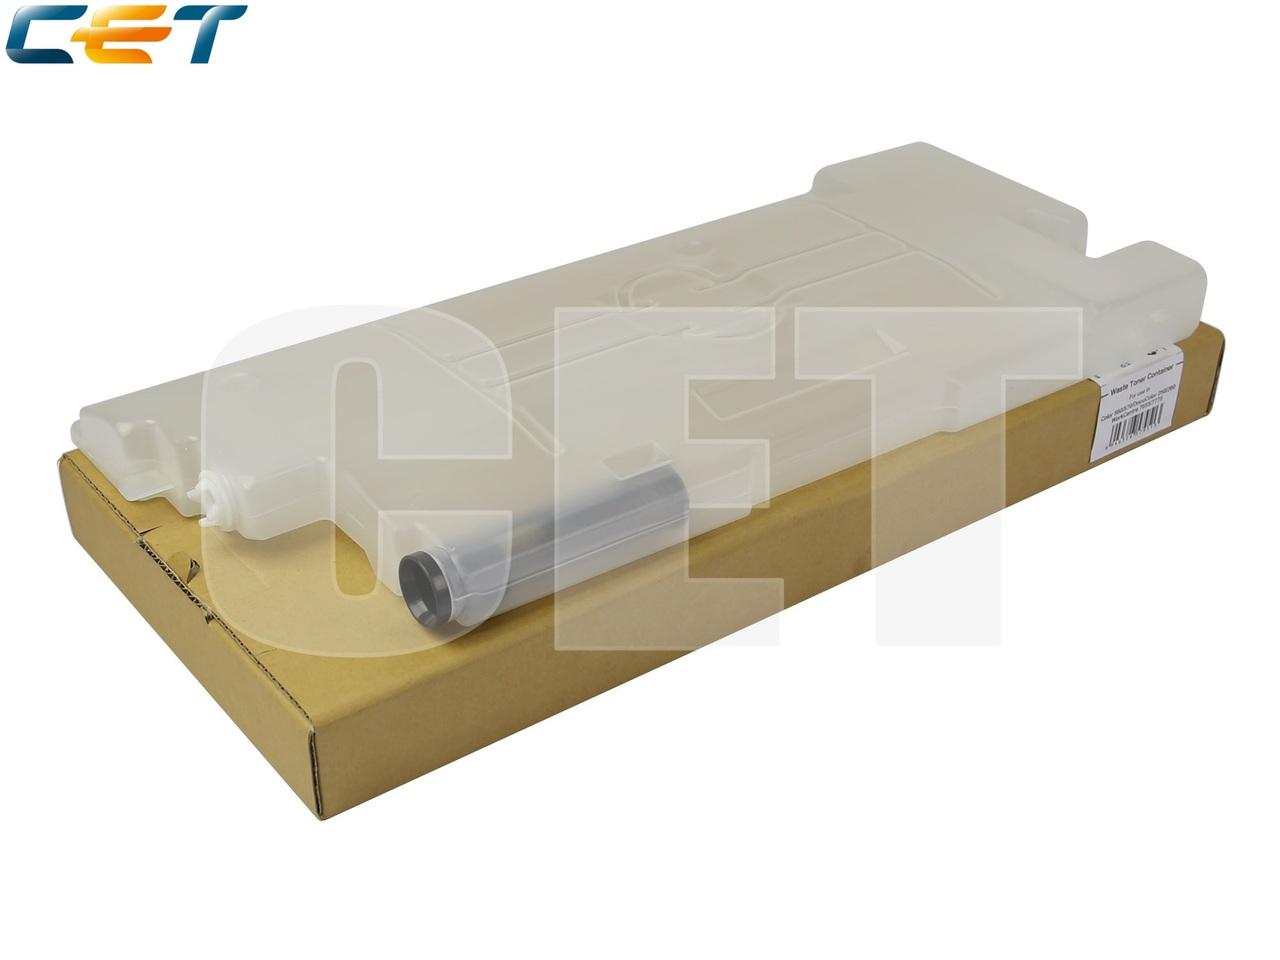 Бункер отработанного тонера 8R12990, 008R12990 для XEROXColor C60/C70/550/560/570/C75, DocuColor240/242/250/252/260, WorkCentre7655/7665/7675/7755/7765/7775 (CET), CET7951